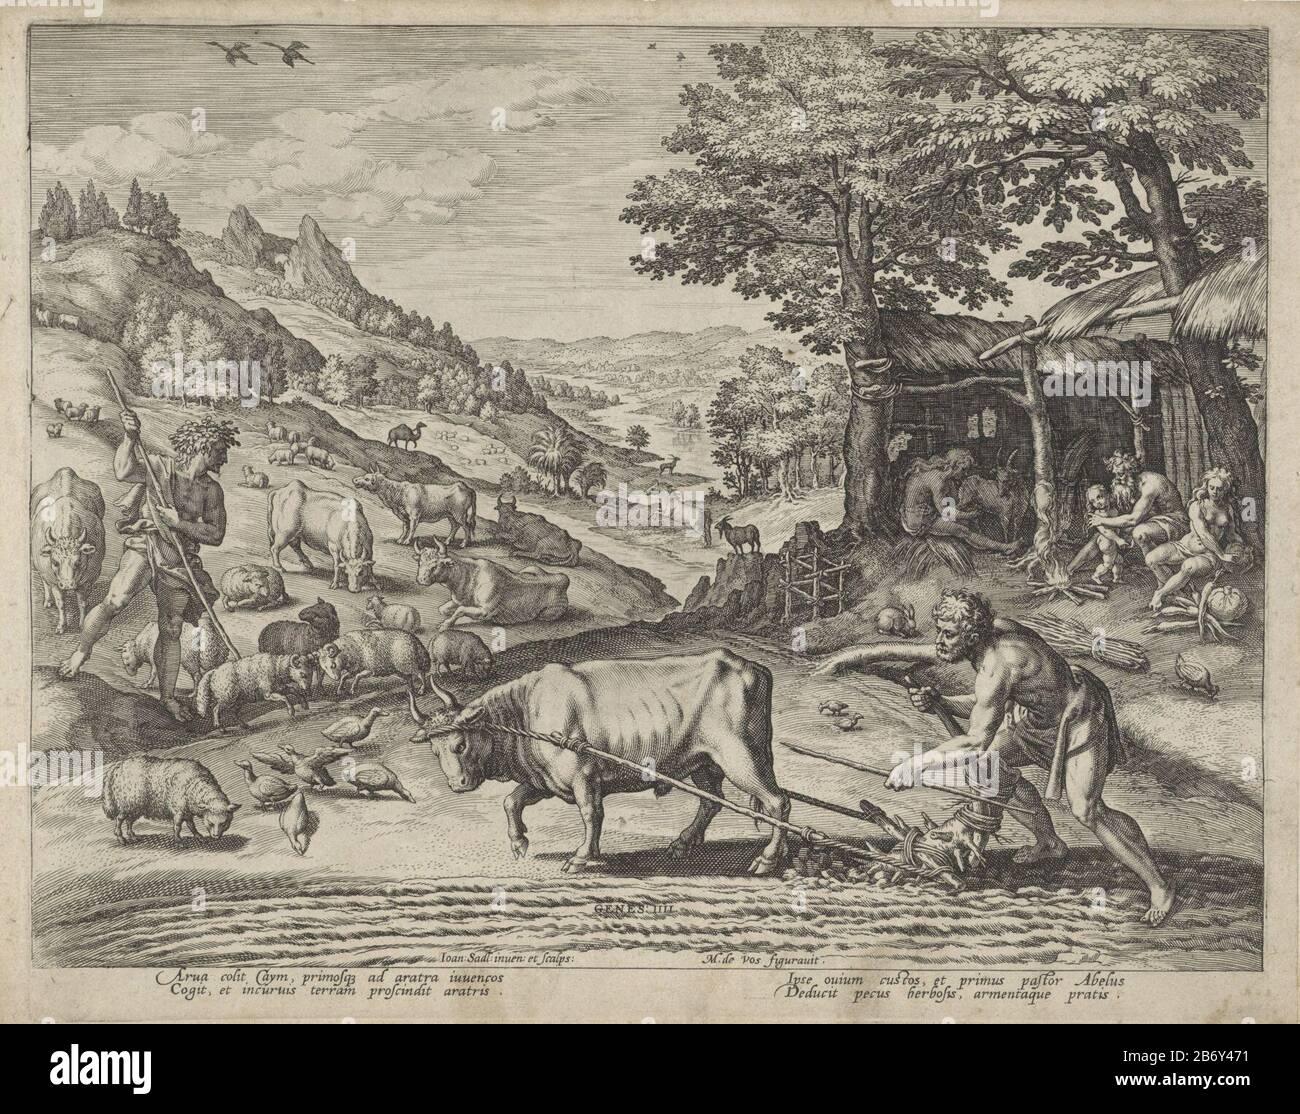 Caín arando un campo con un trekos. Abel hace un rebaño de vacas y ovejas. En el fondo derecho la choza de Adán y Eva. La impresión tiene una firma latina y es la quinta impresión de una serie de doce partes. Fabricante : impresor: Johann Sadeler (i) (mostrado sobre el objeto) al dibujo de: Marten de Vos (indicado sobre el objeto) a un diseño de: Johann Sadeler (i ) (edificio enumerado) escritor Johann Sadeler (i) editor: Johann Sadeler (i) Lugar de fabricación: Amberes Fecha: 1583 Características Físicas: Material del automóvil: Papel Técnica: Engra (proceso de impresión) Dimensiones: Borde de la plancha: Al 210 mm × An 257 mm Asunto: Cai Foto de stock